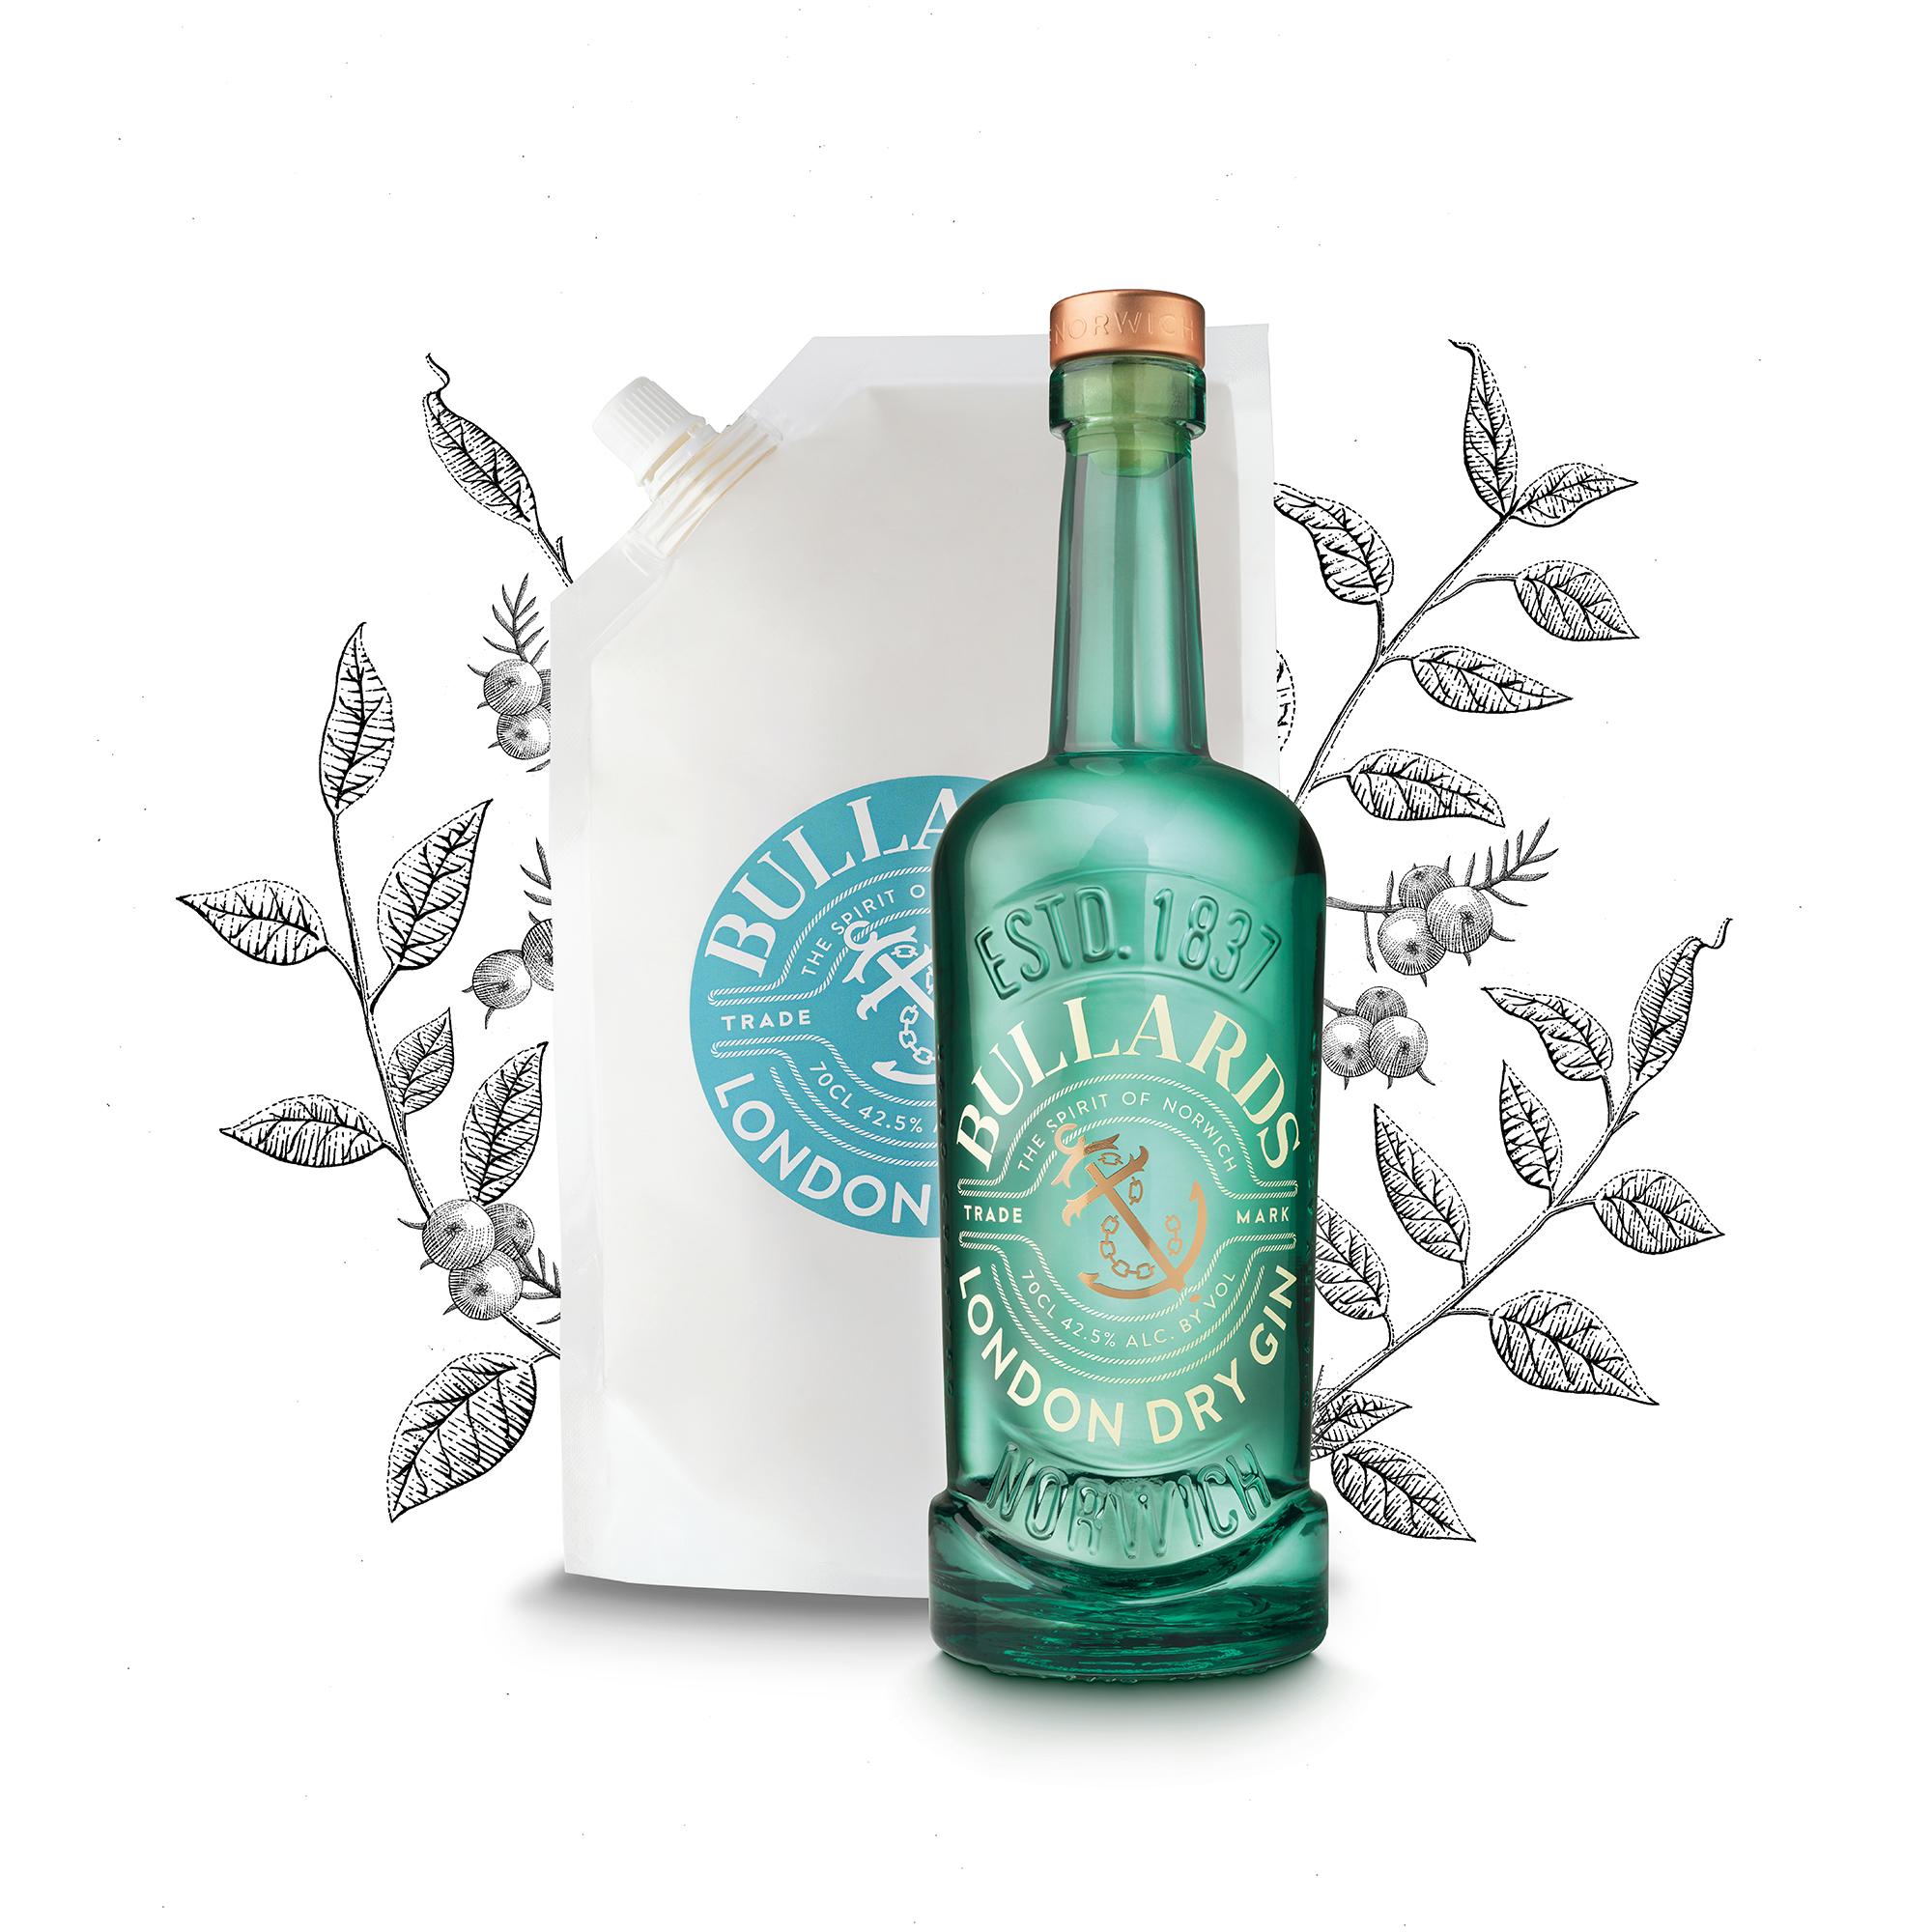 London Dry gin Bundle